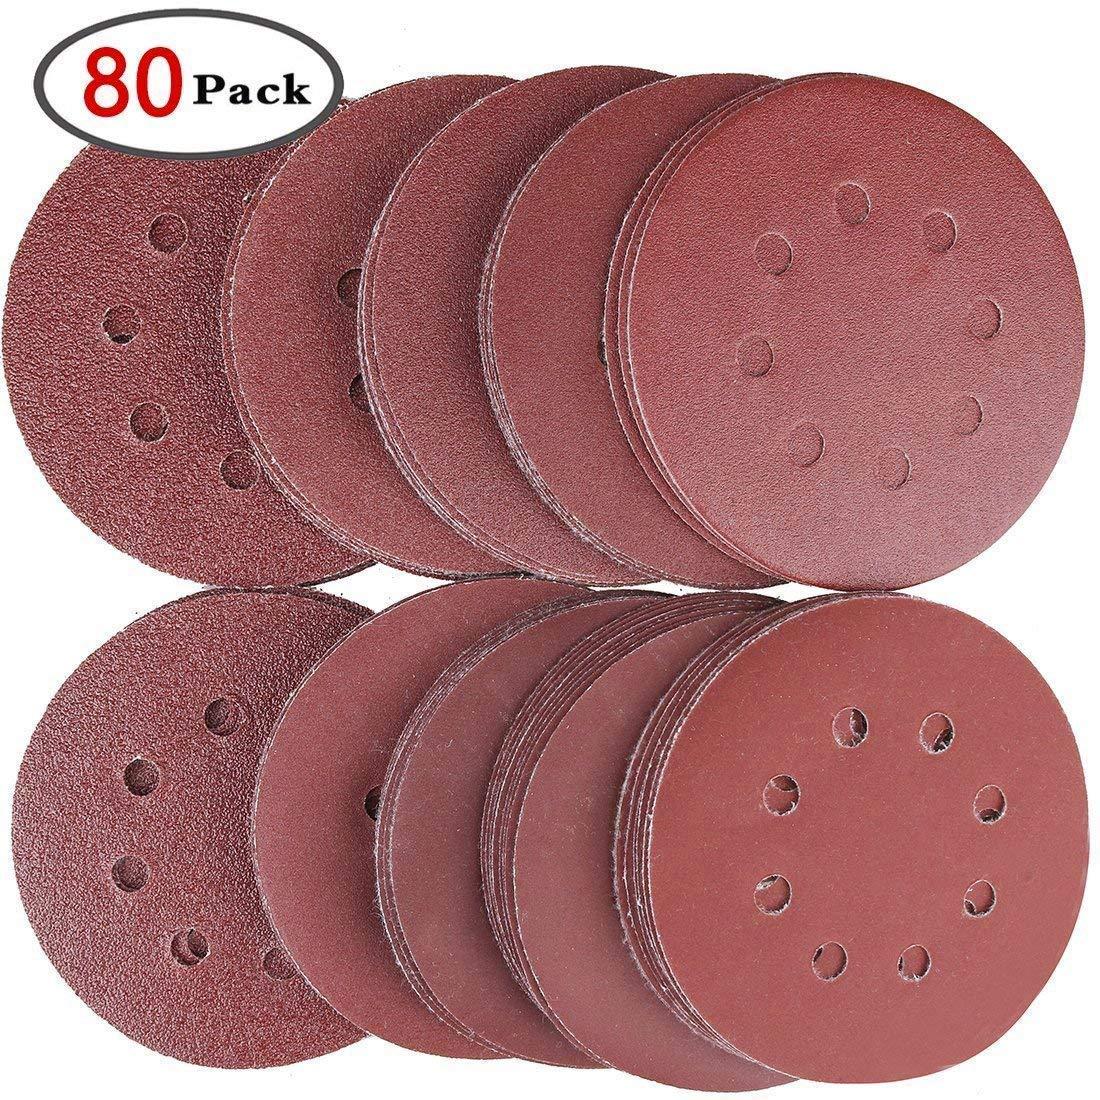 5x P80 Schleifteller für Bohrmaschine Schleifscheiben Polieraufsatz